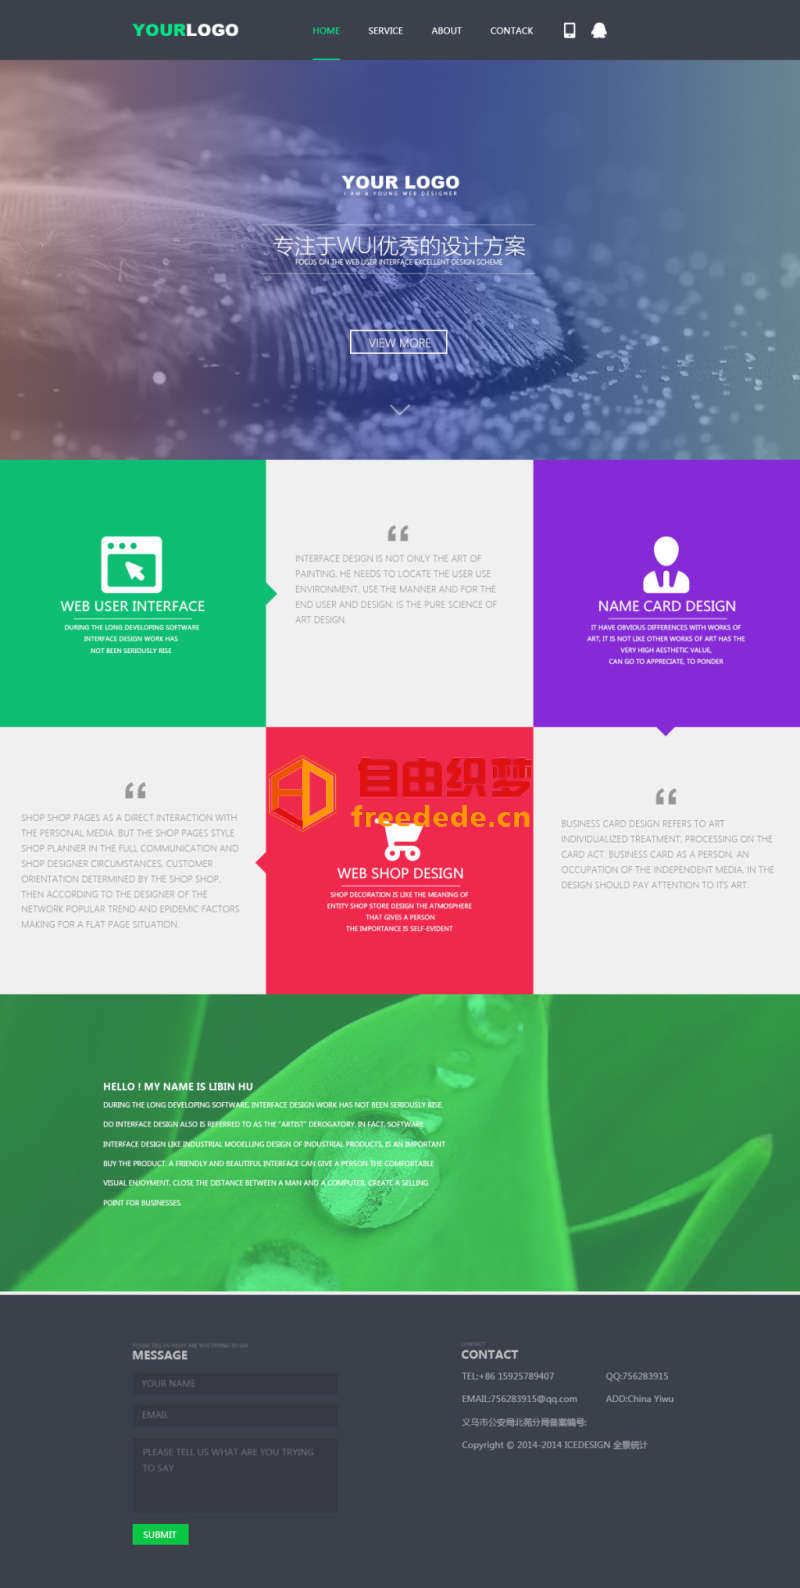 爱上源码网文章大气的扁平化设计公司网站模板psd的内容插图